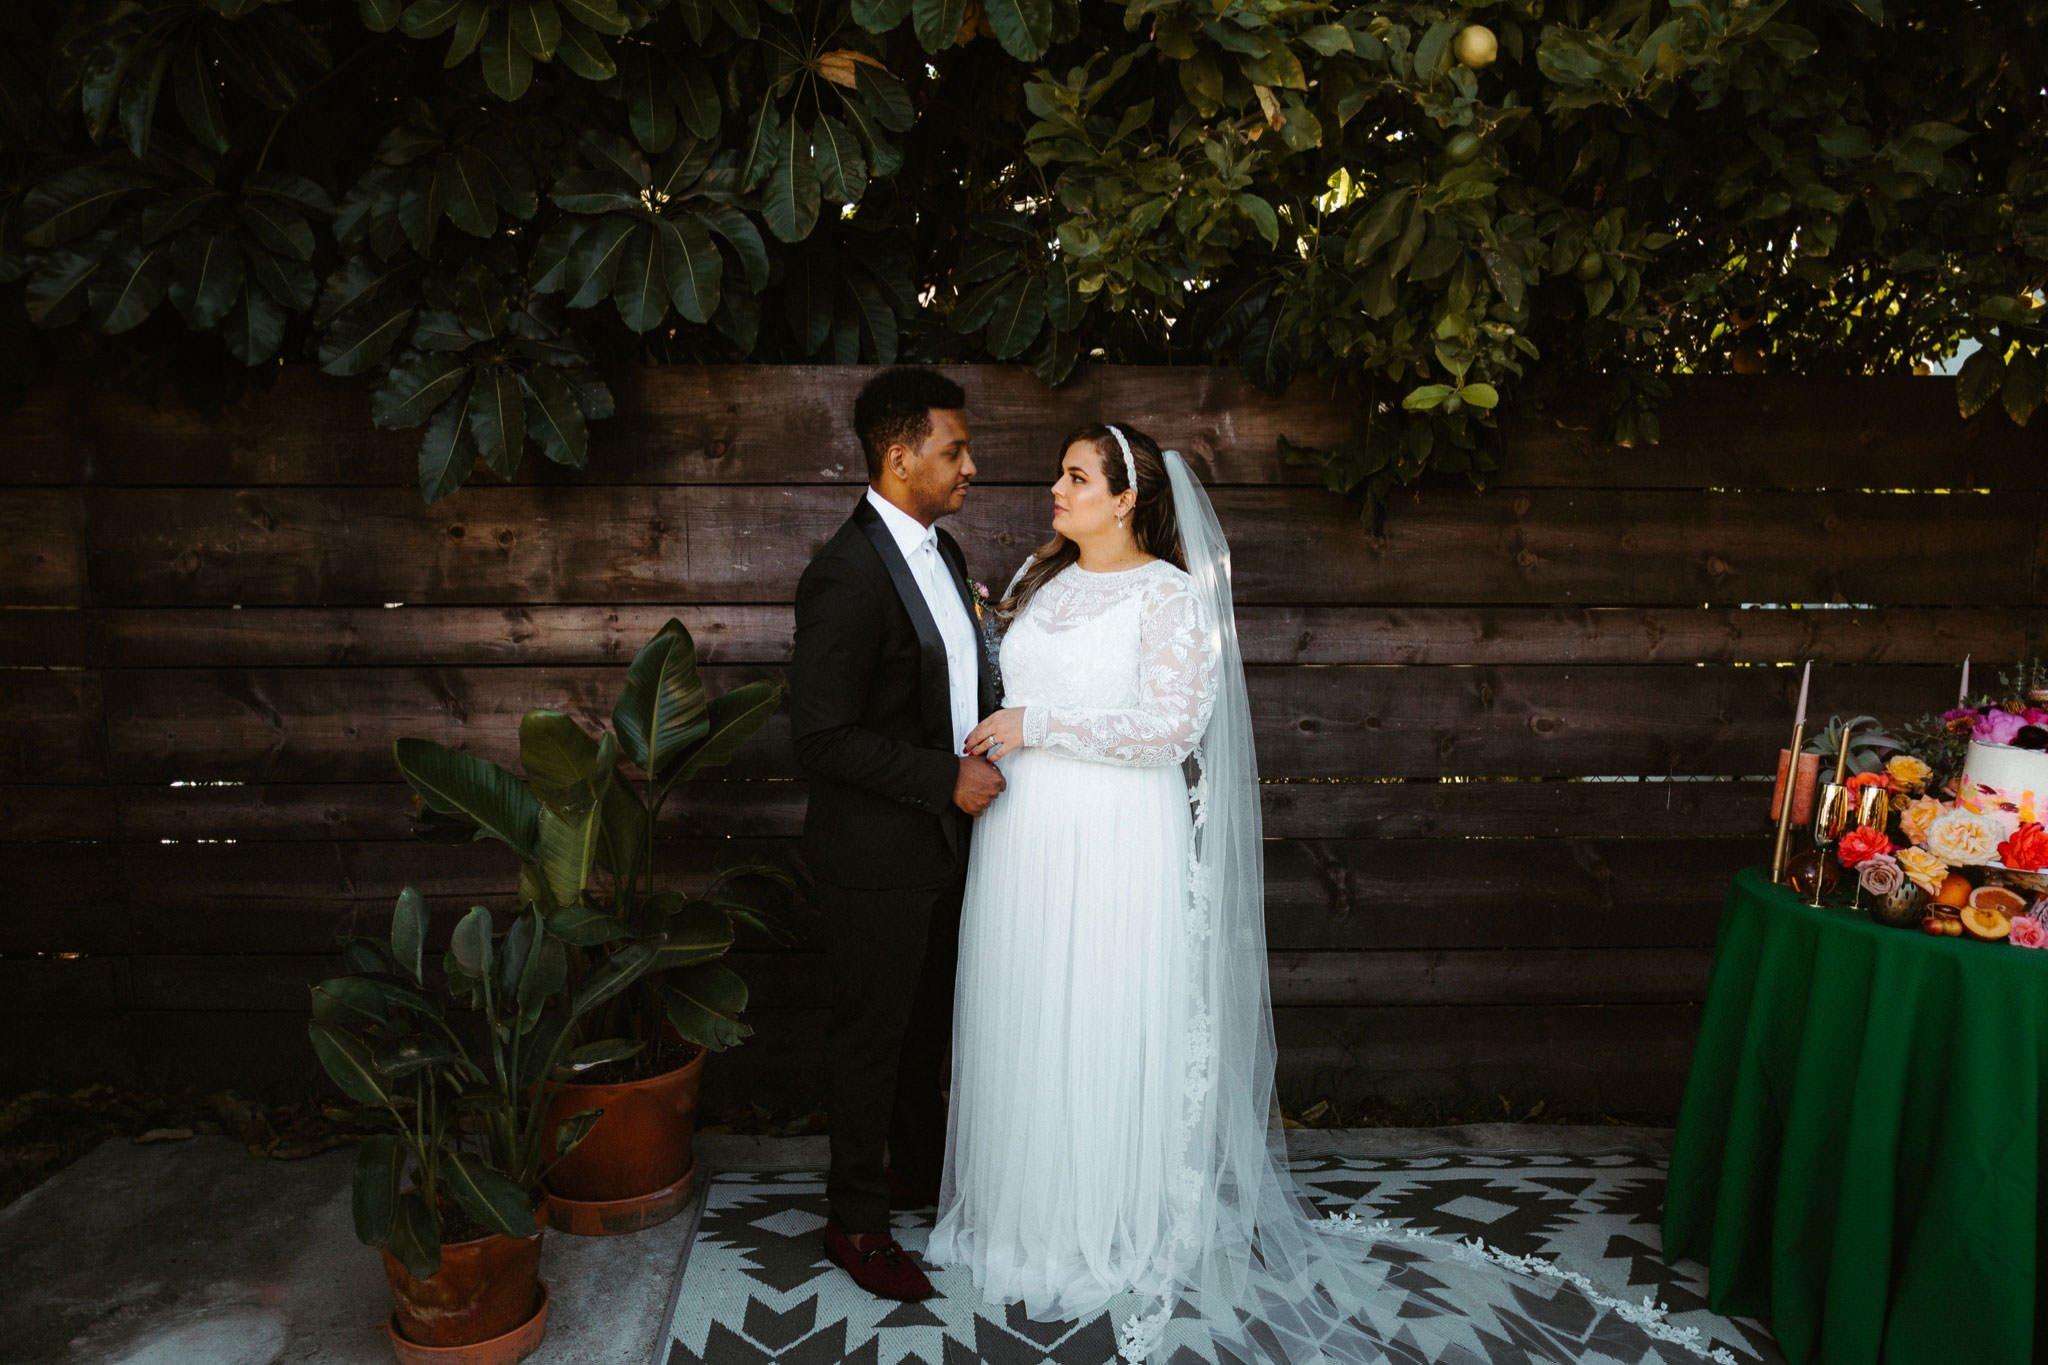 la elopement photos 075